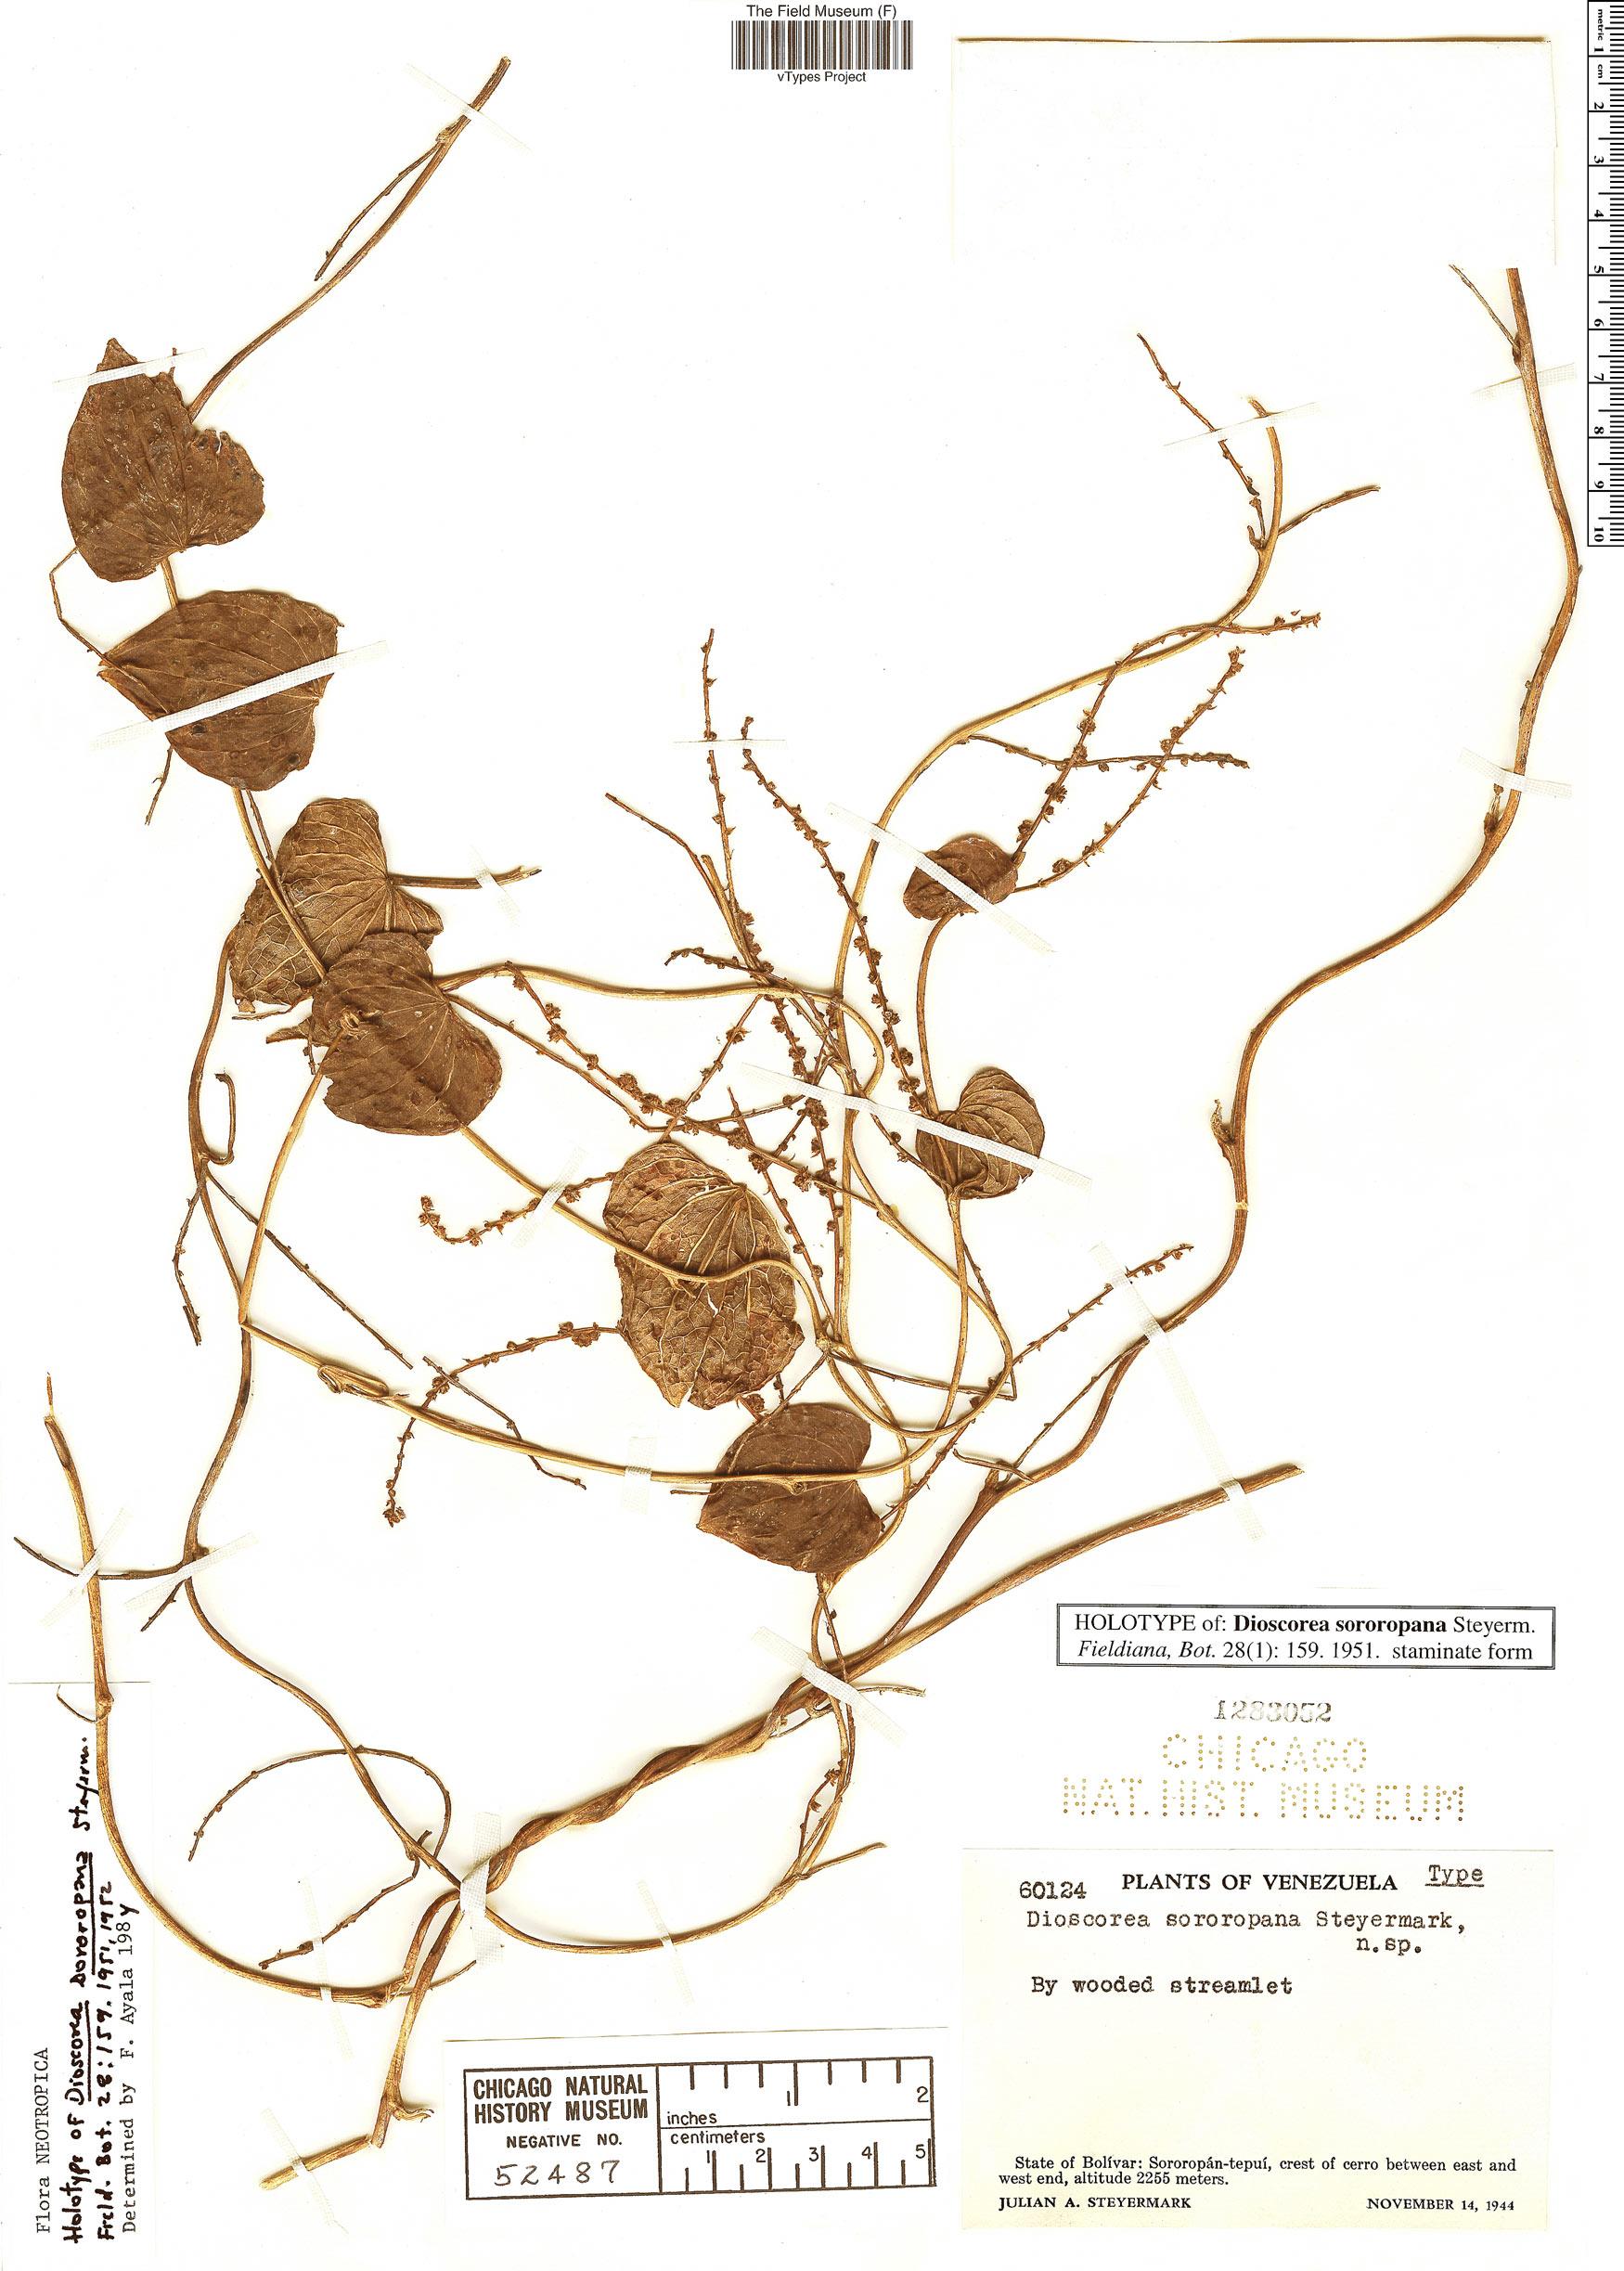 Specimen: Dioscorea sororopana